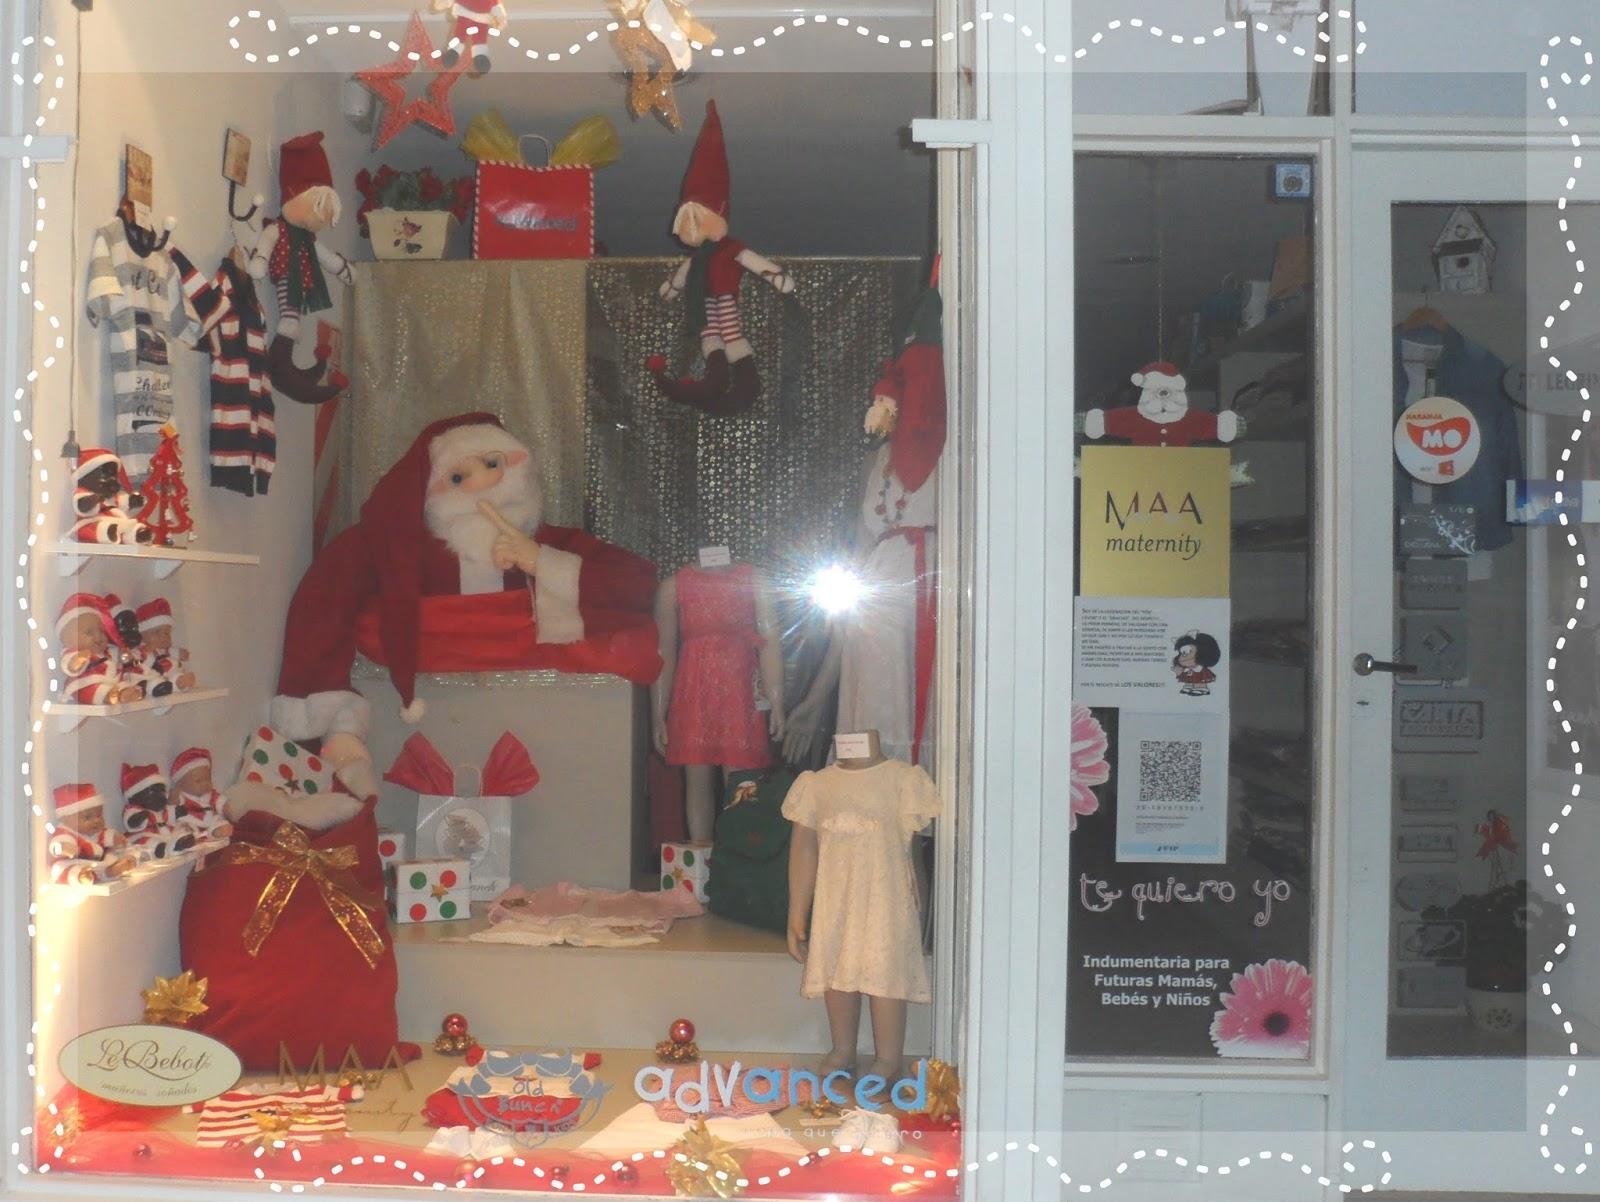 Carmin decoraciones navide as navidad 2012 vidriera - Decoracion navidena para negocios ...